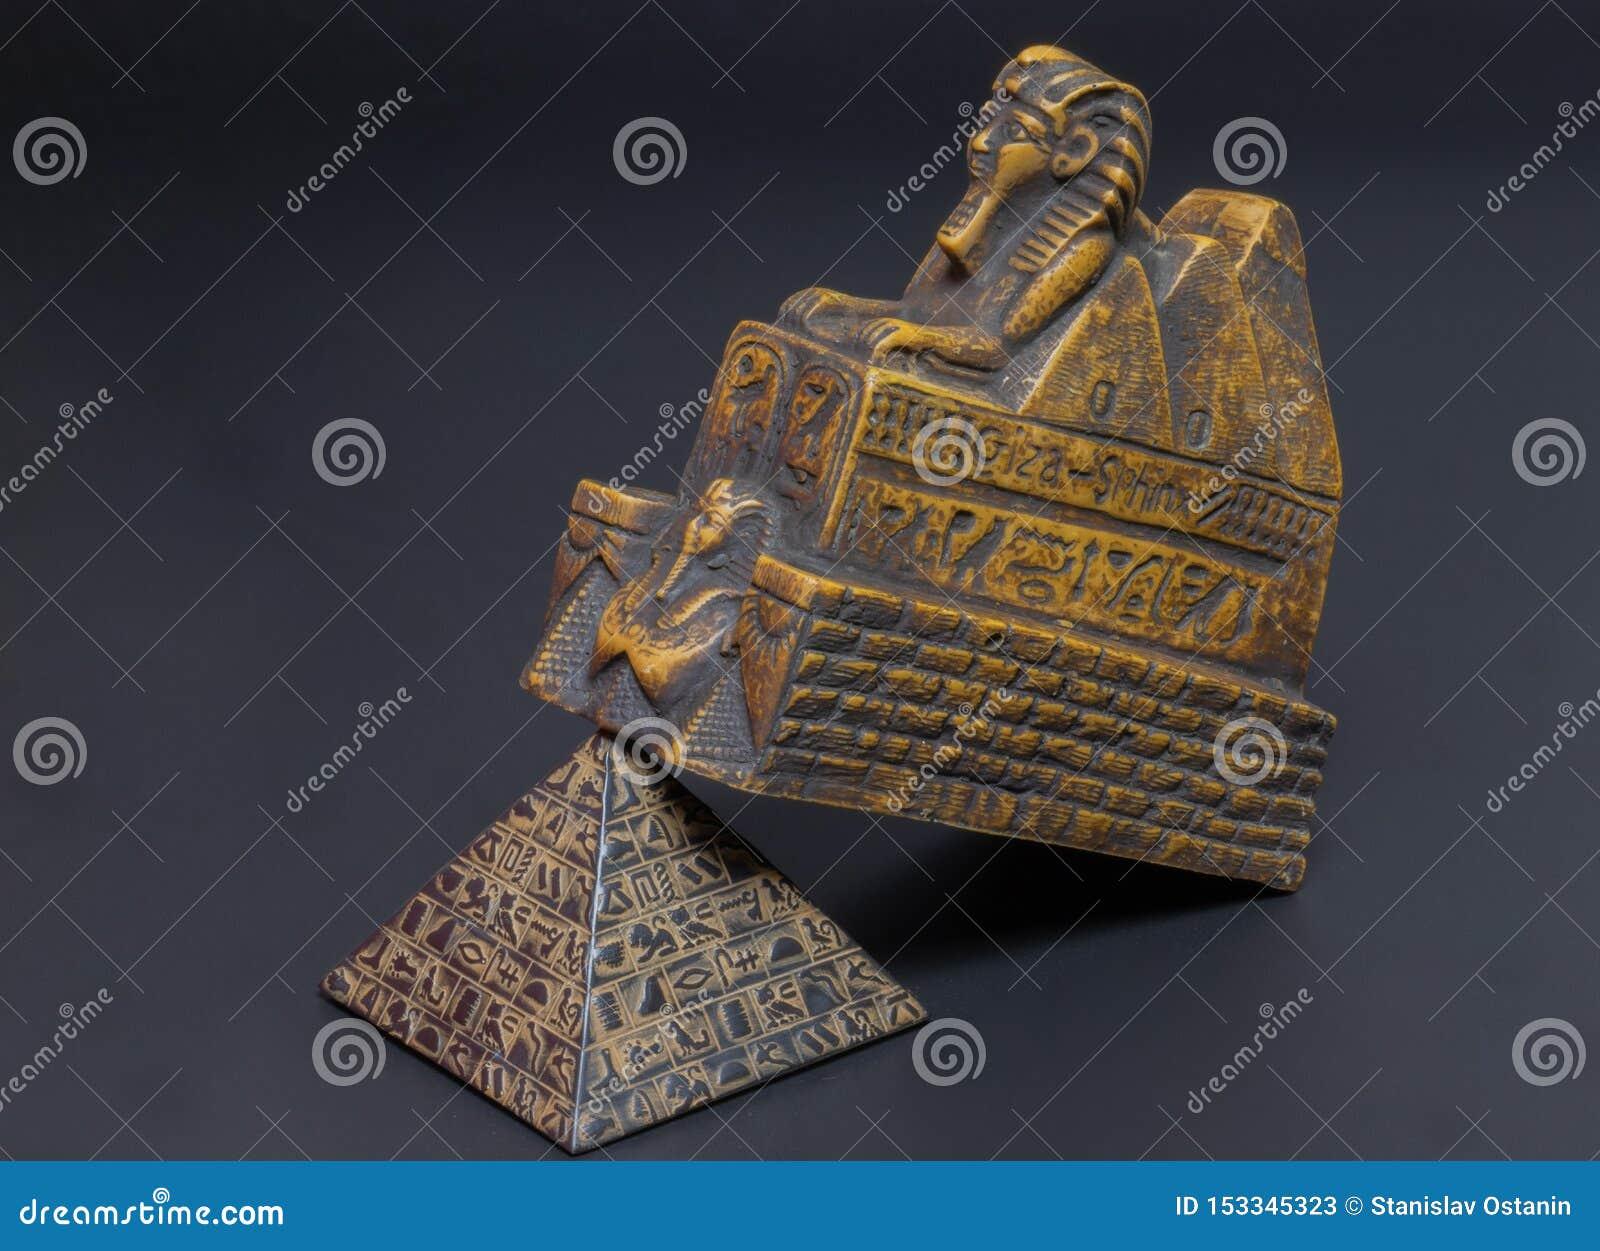 Estatueta da esfinge